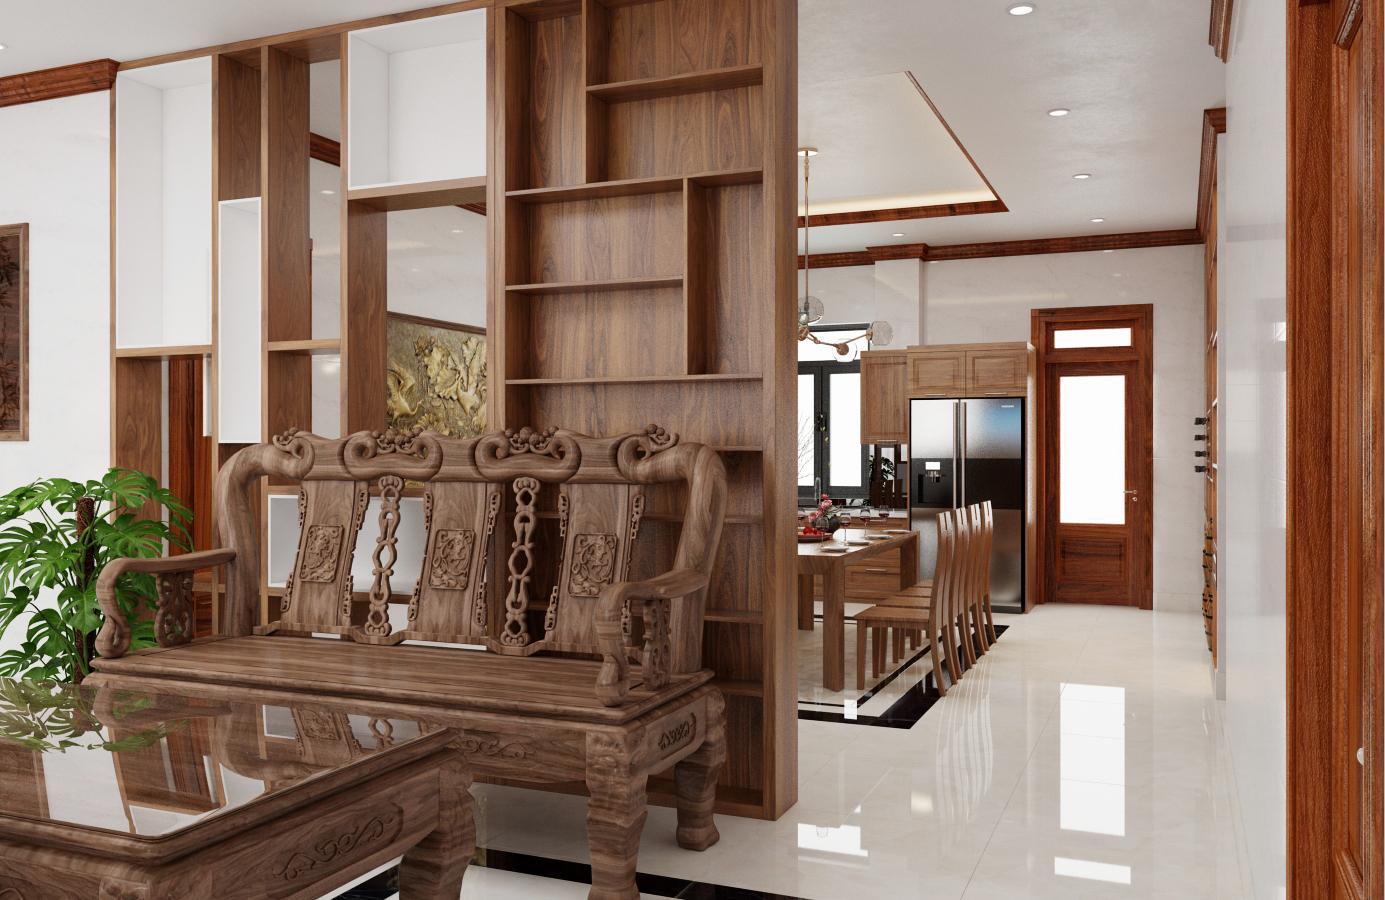 Thiết kế nội thất Biệt Thự tại Nam Định Living House 1573645676 4